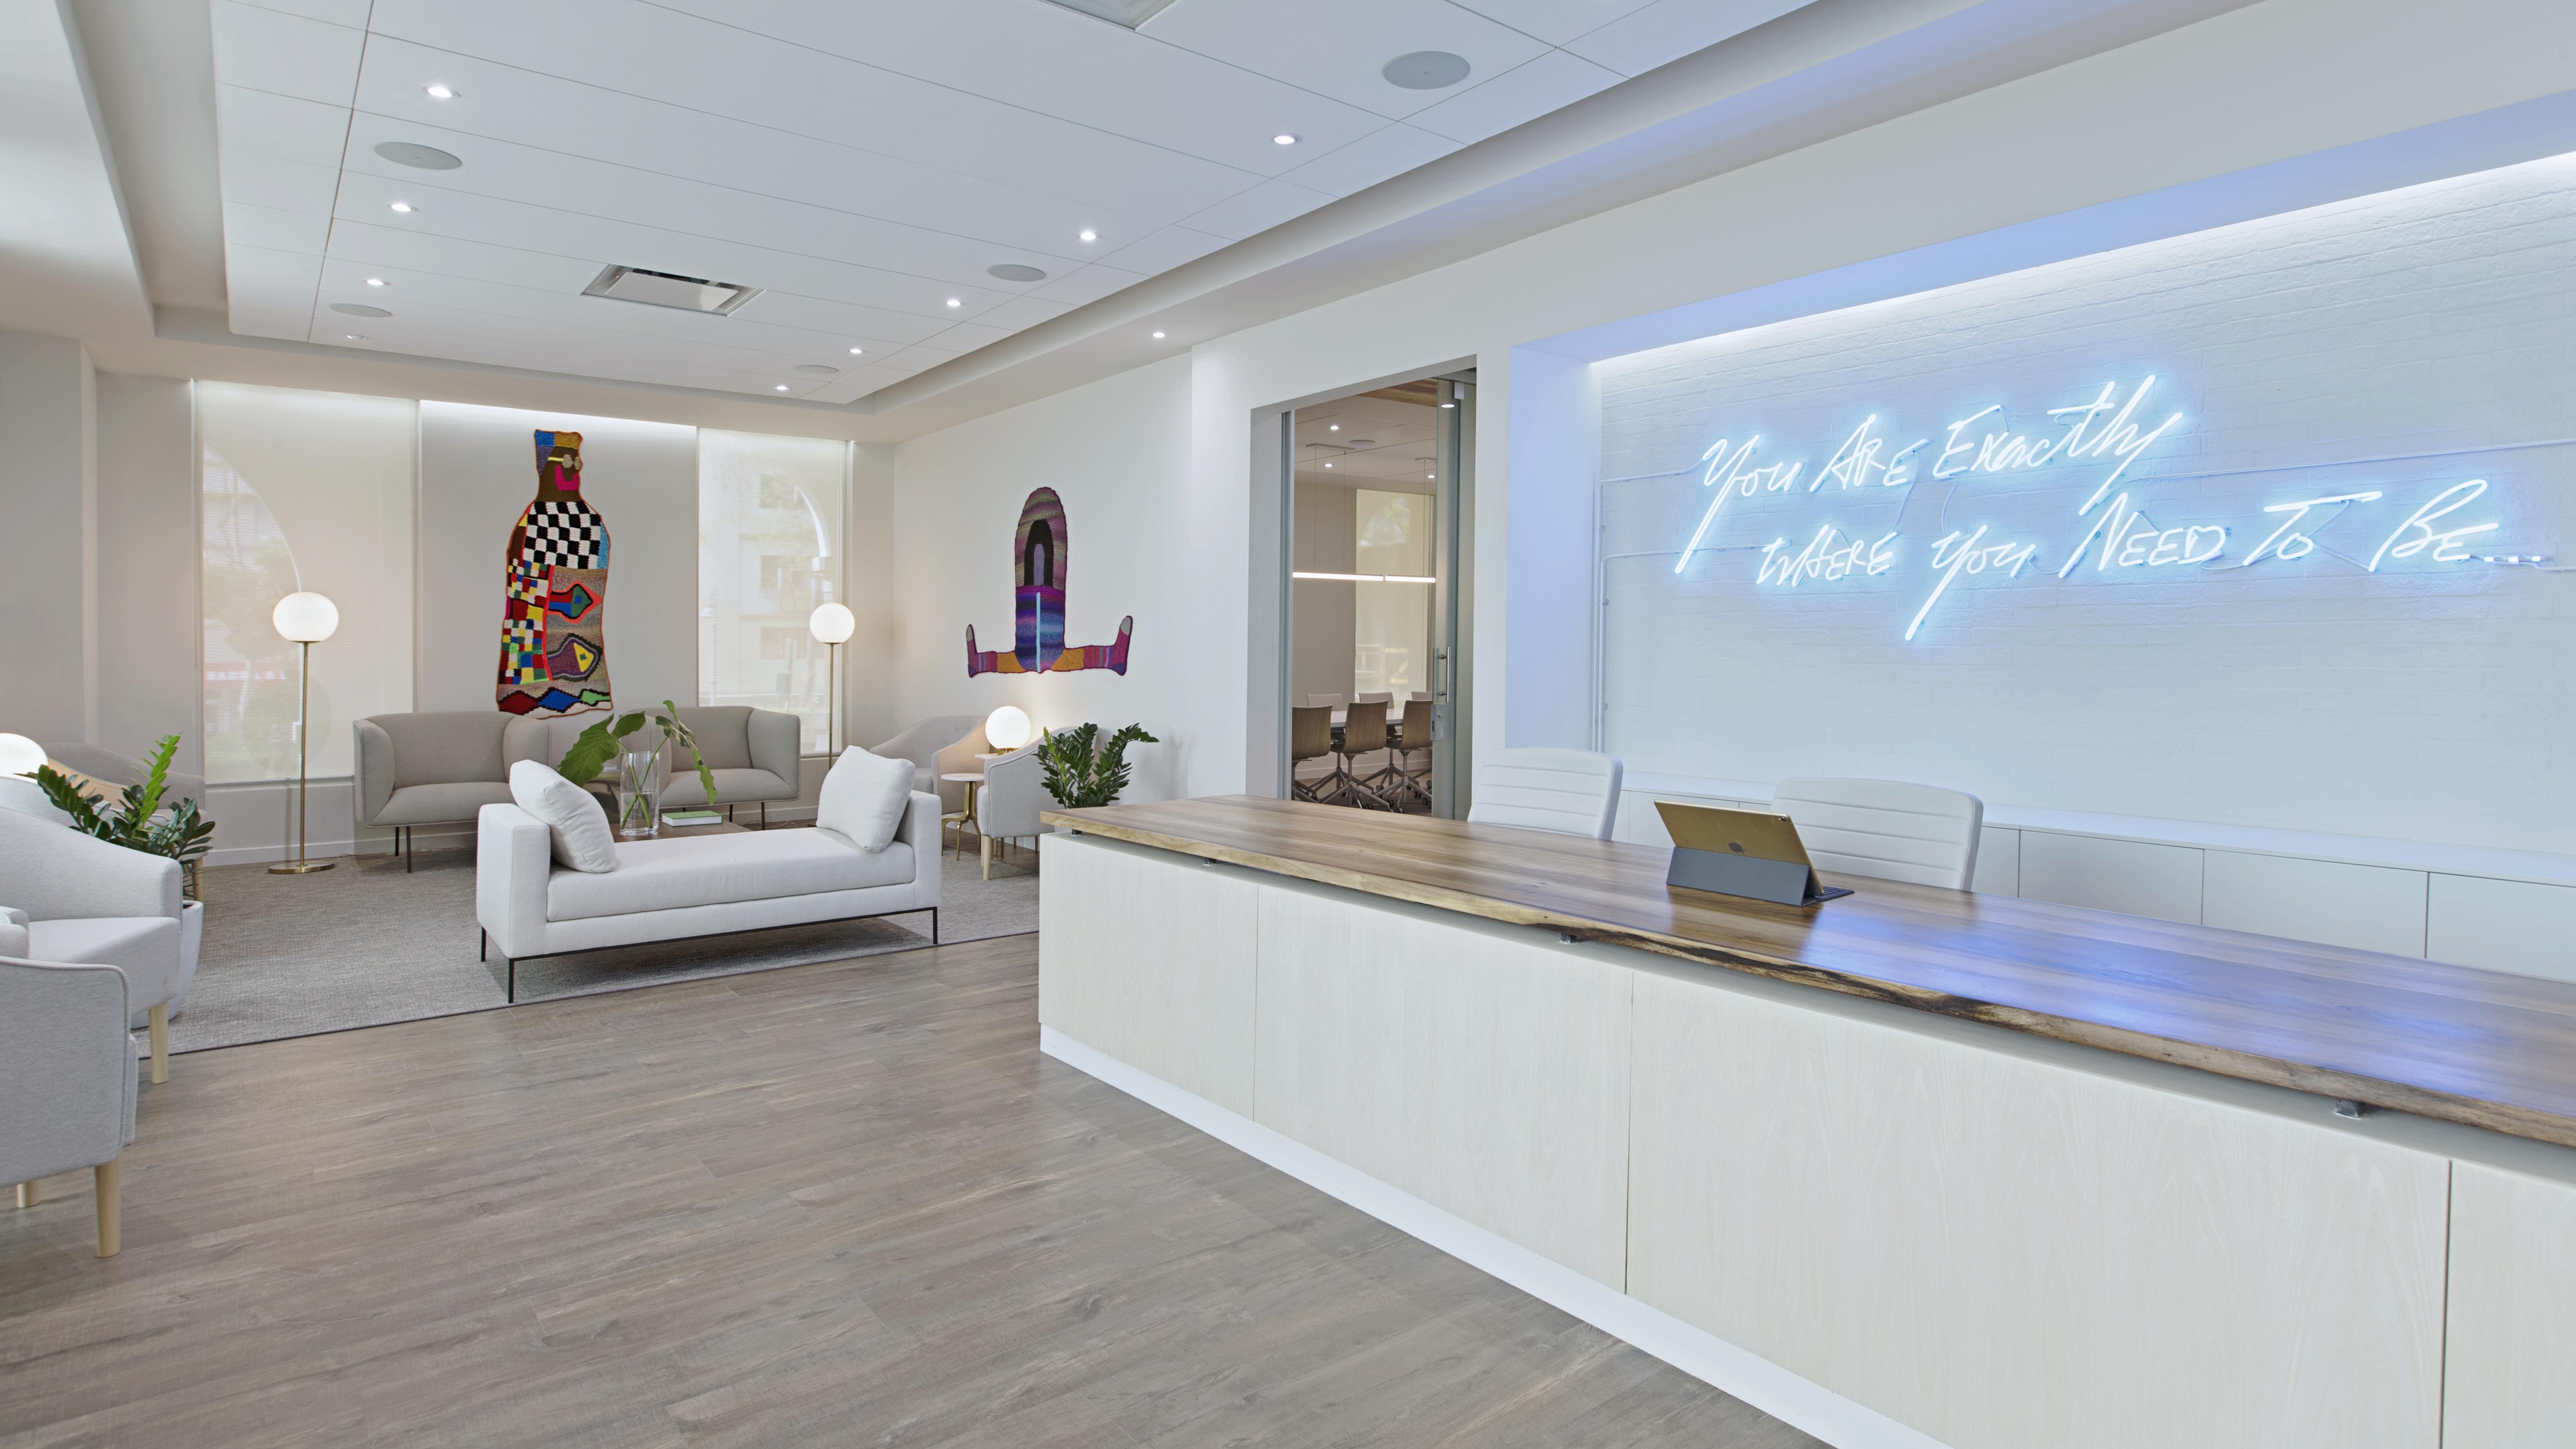 Pravan Clinic Reception Area